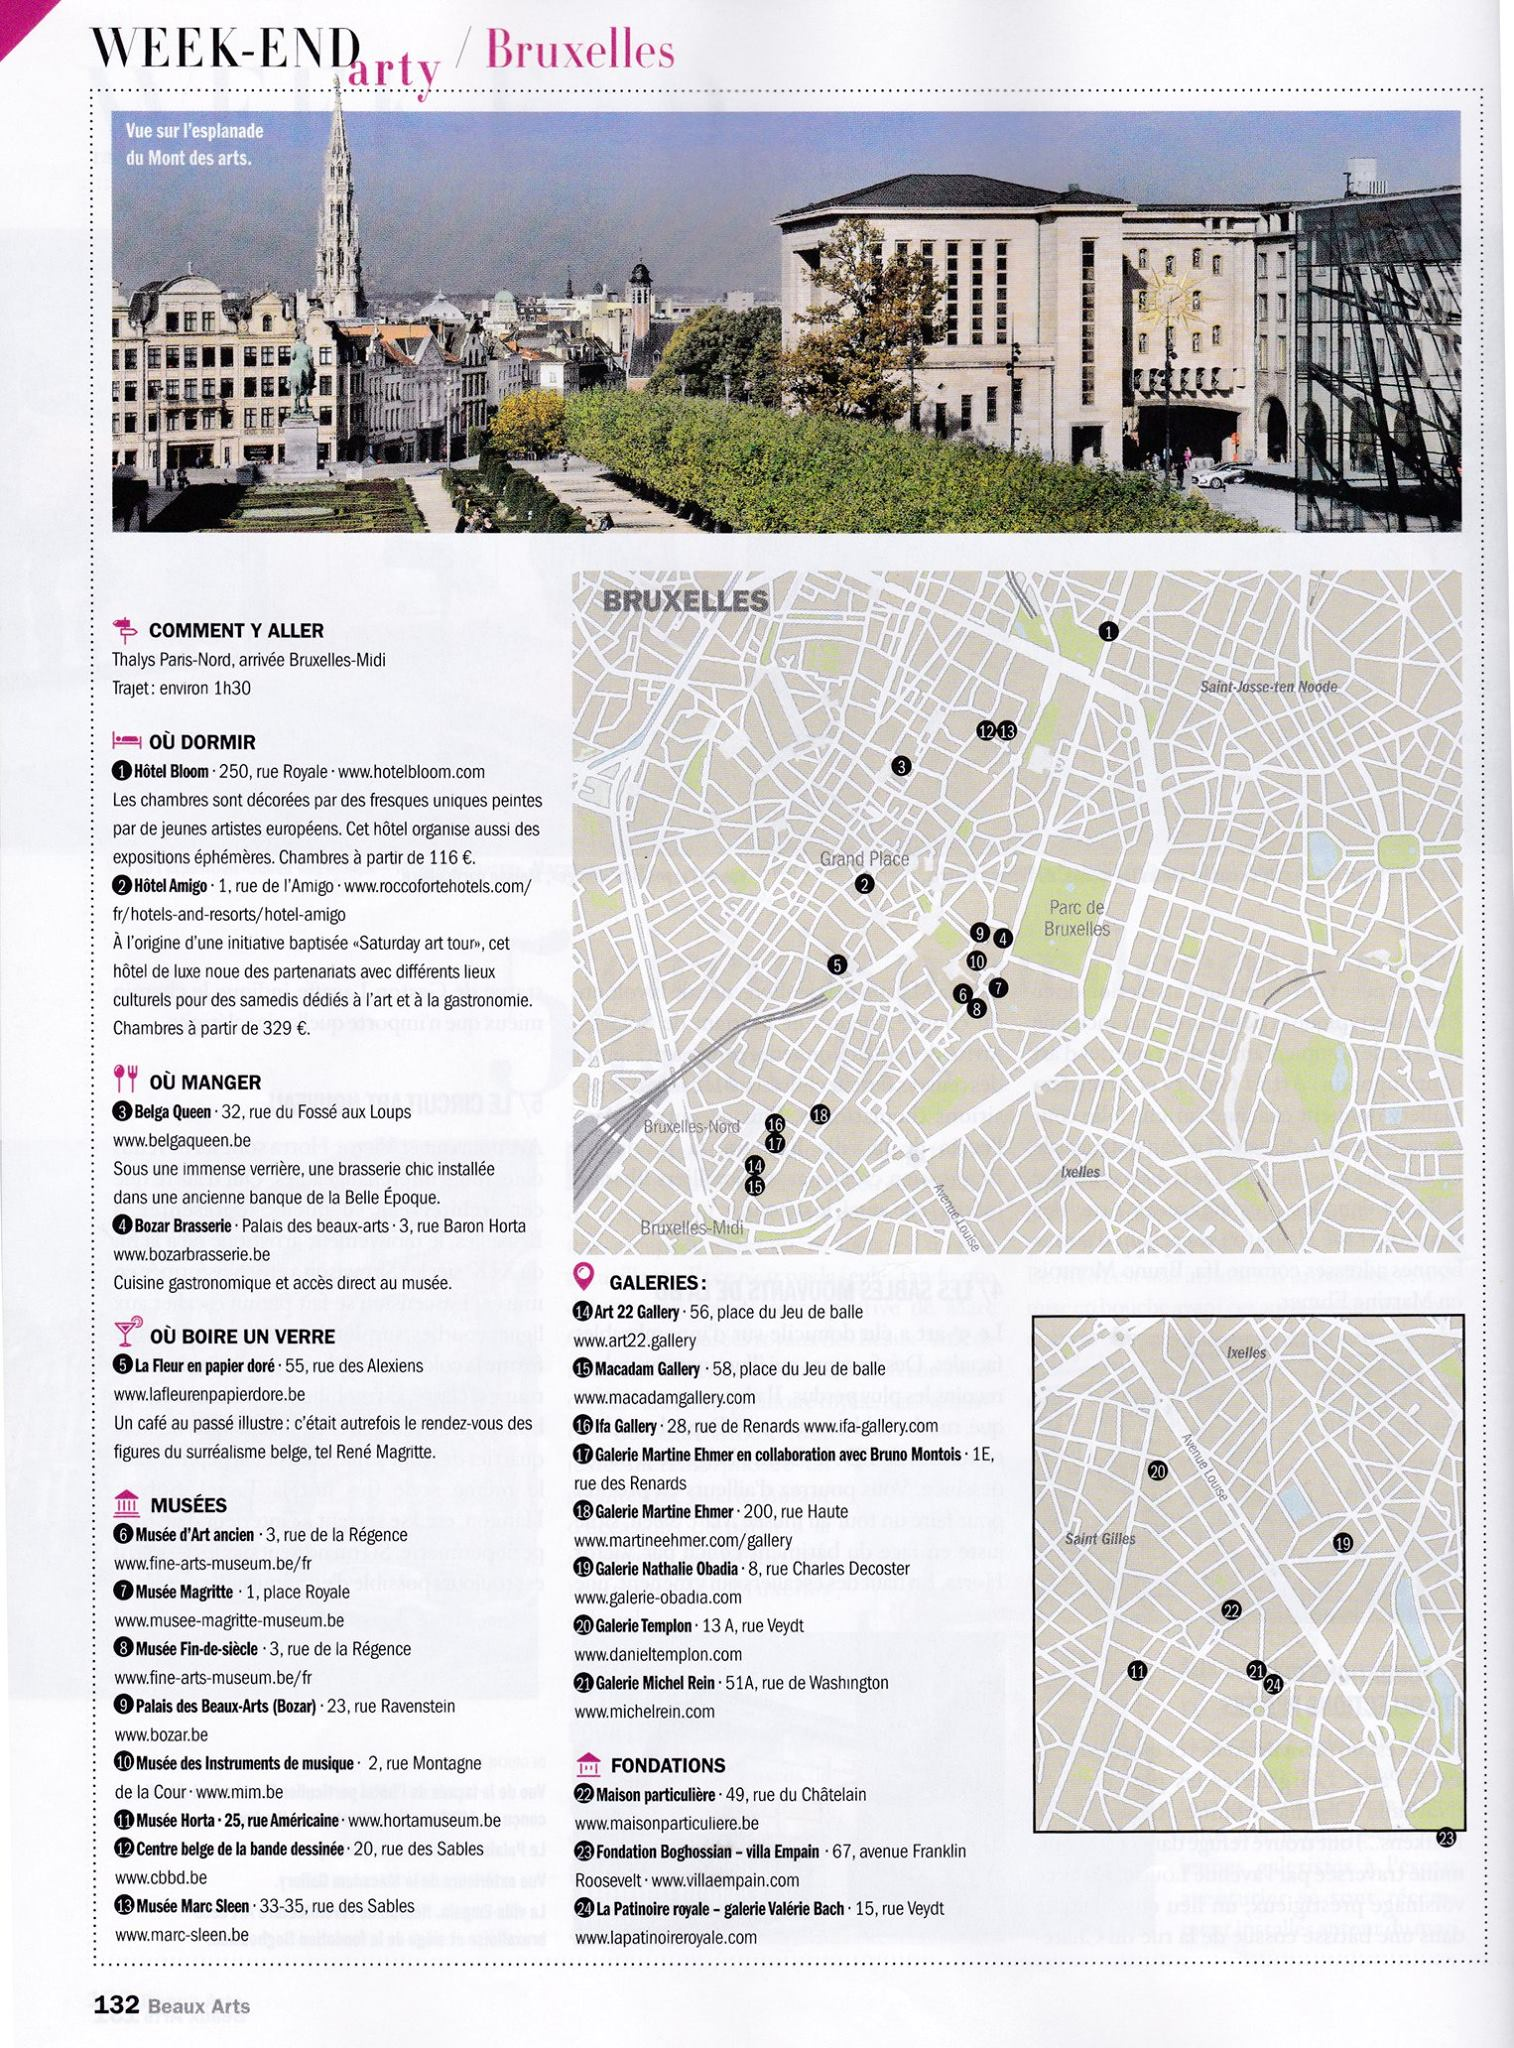 Maison Du Nord Magazine weekend arty à bruxelles – beaux arts magazine, april 2015